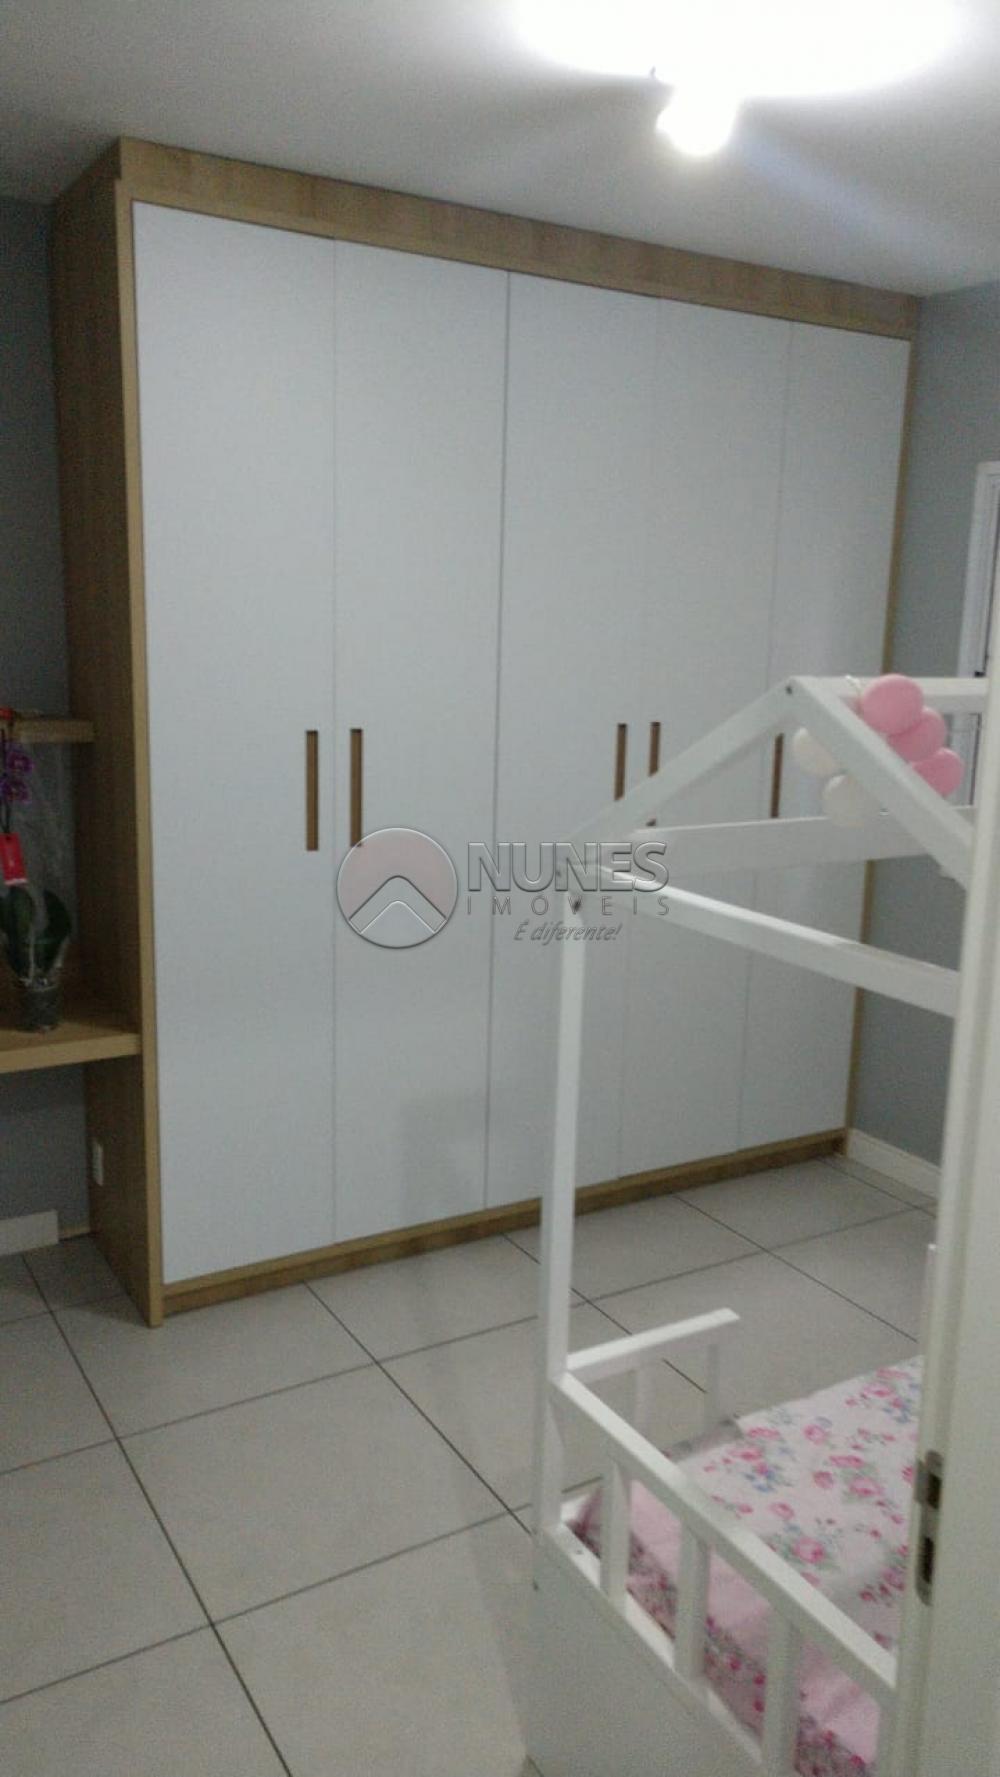 Comprar Apartamento / Padrão em Barueri apenas R$ 280.000,00 - Foto 14